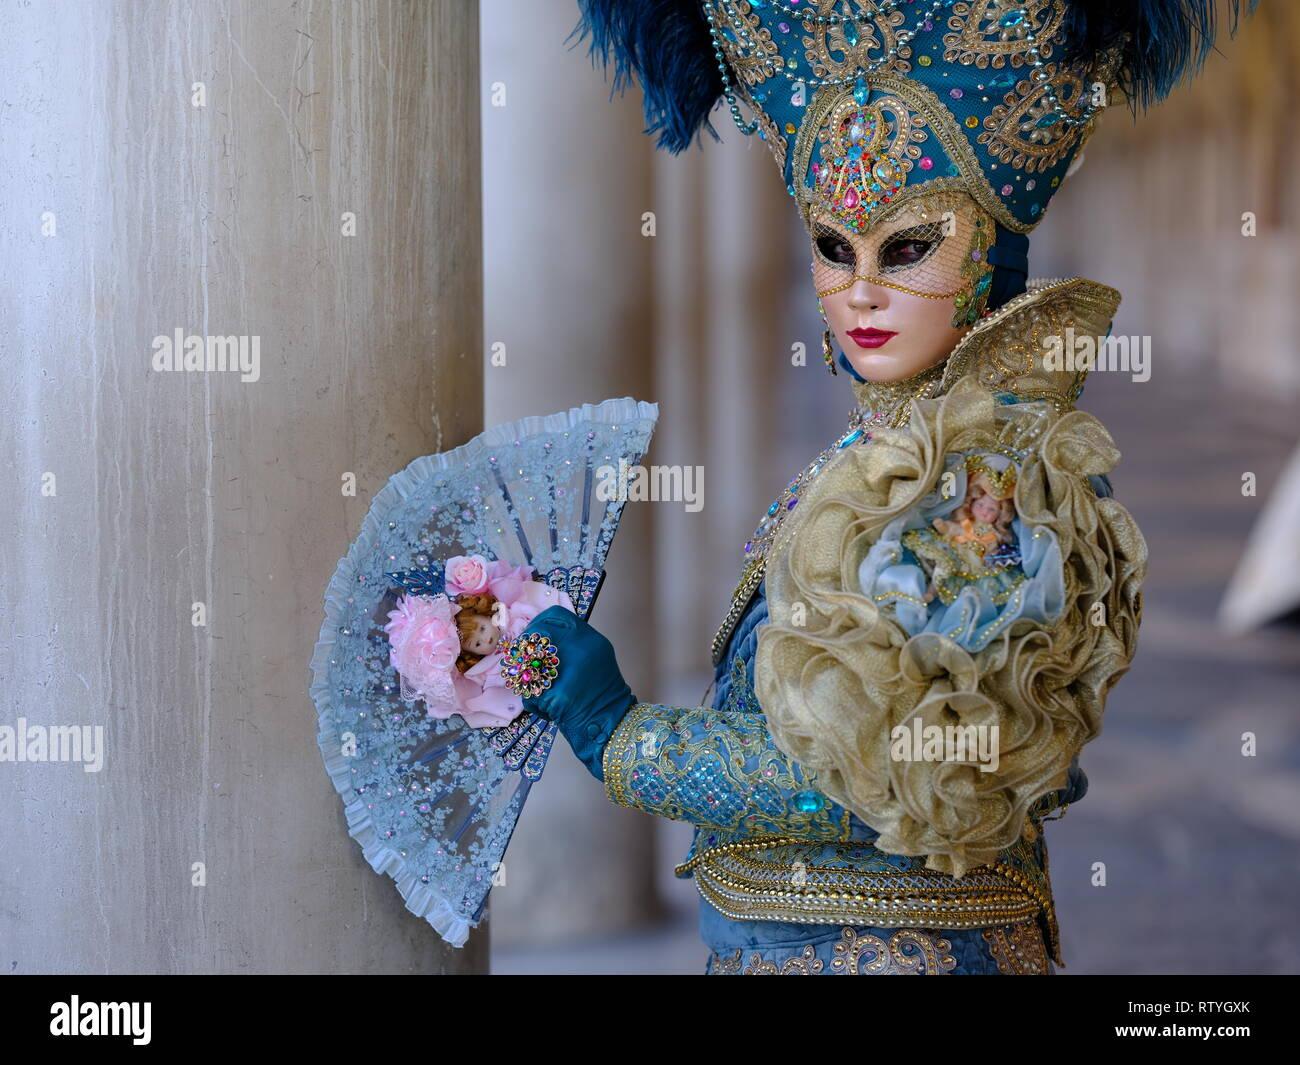 Venice Carnival Mask Festival 2019 Stock Photo: 239092523